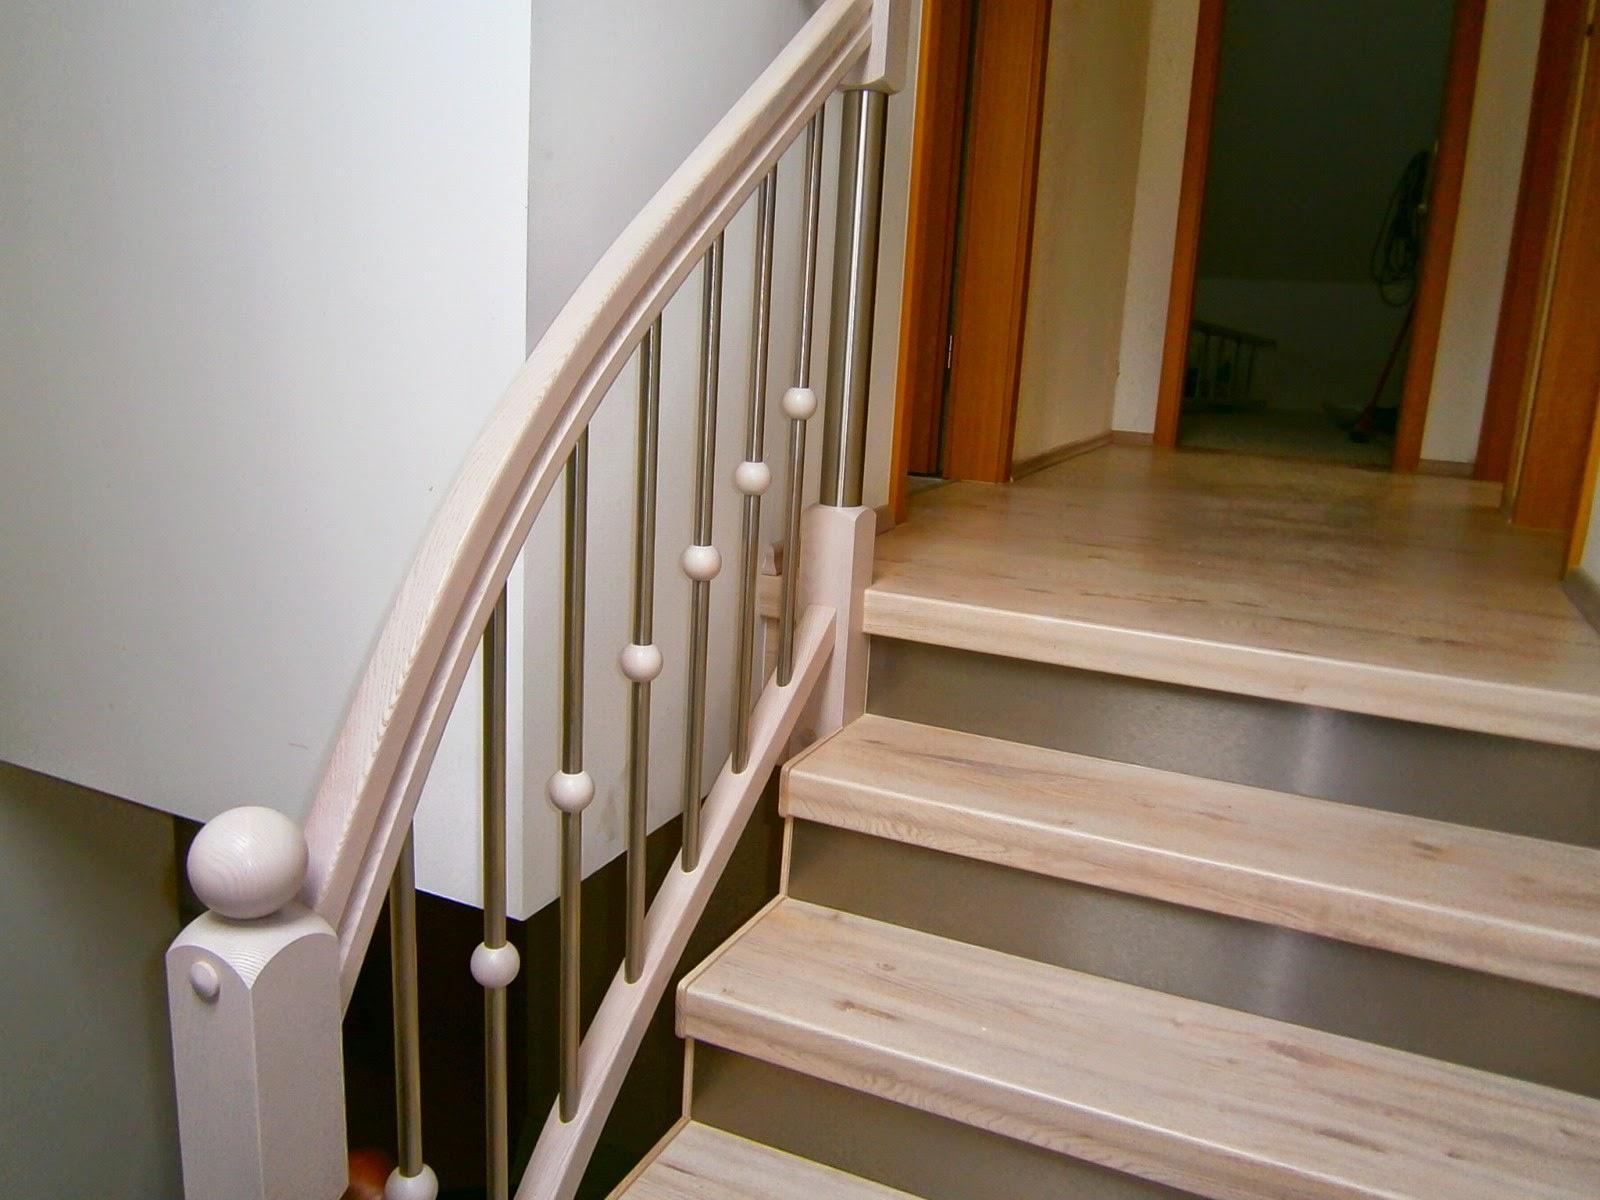 Treppenrenovierung - Treppen-Stufen weißer Nussbaum